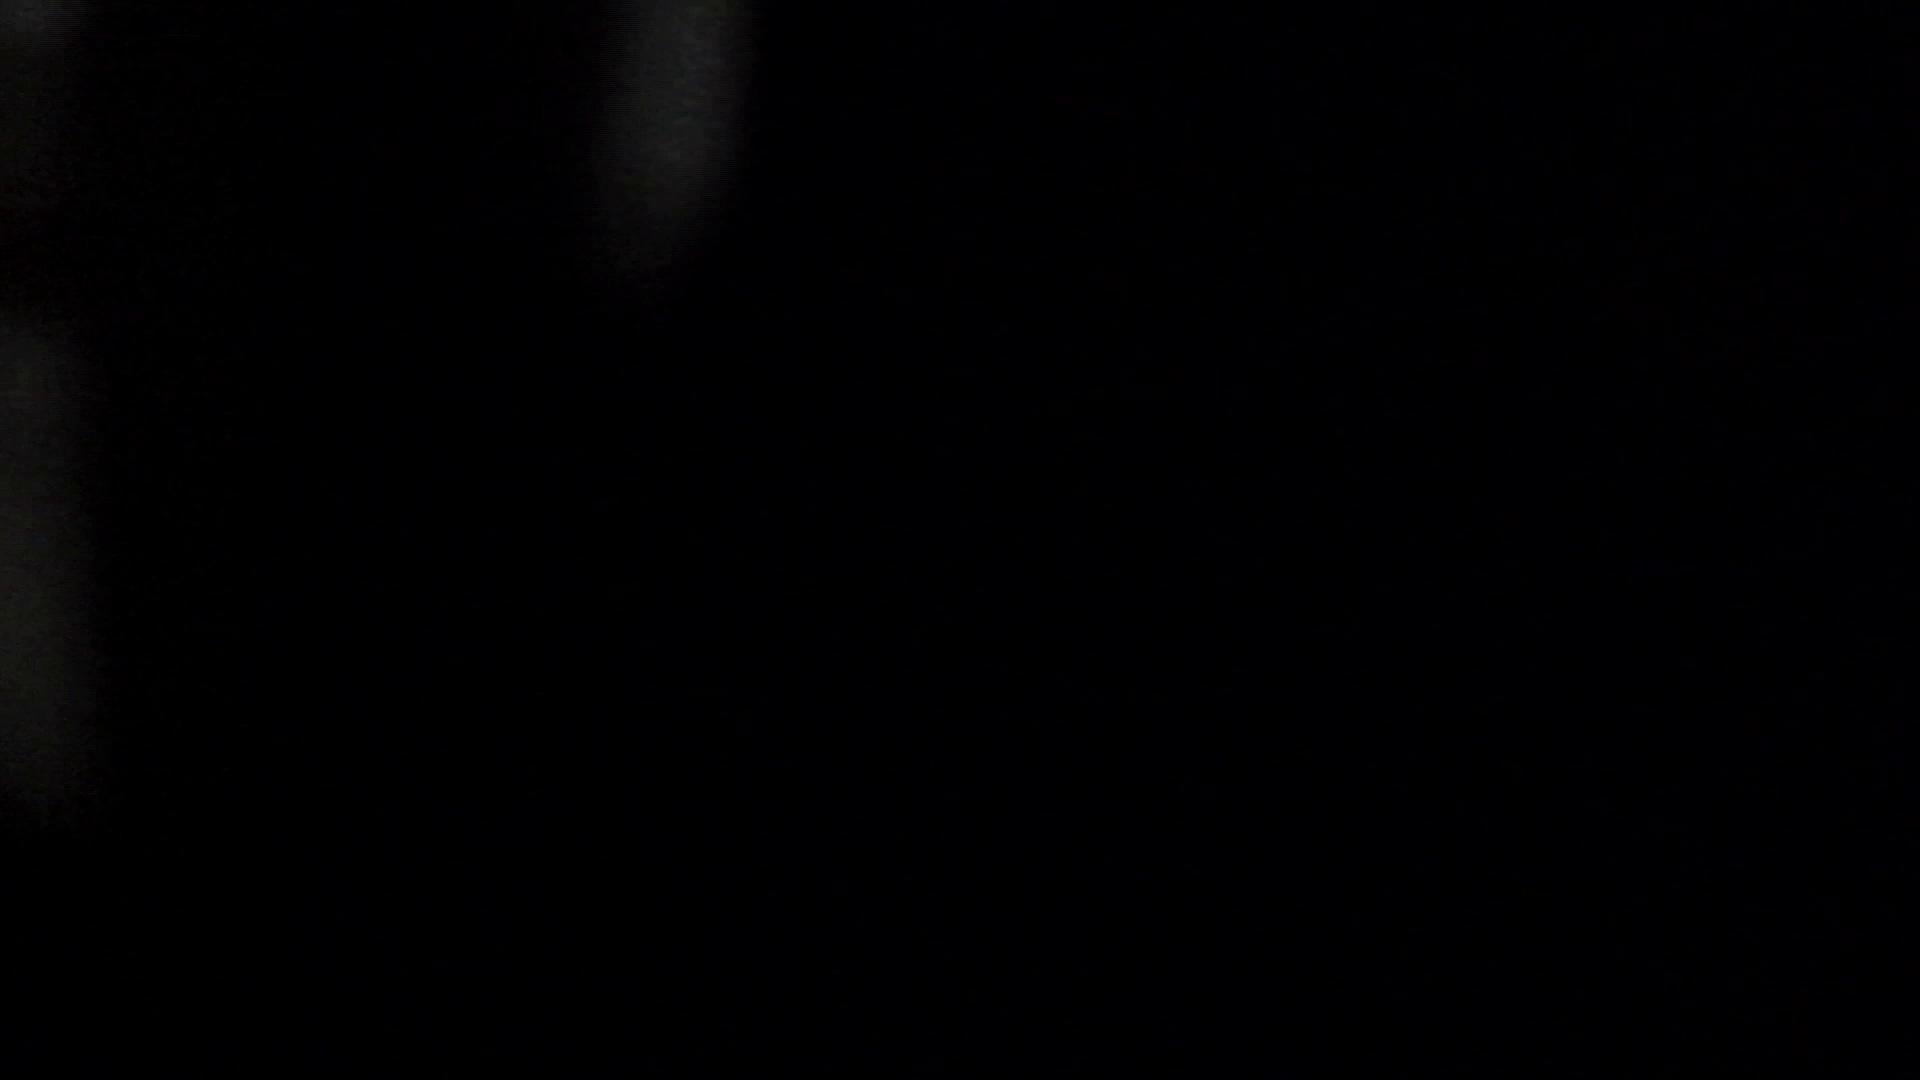 ヒトニアラヅNo.01 侵入 高画質 エロ画像 80枚 39